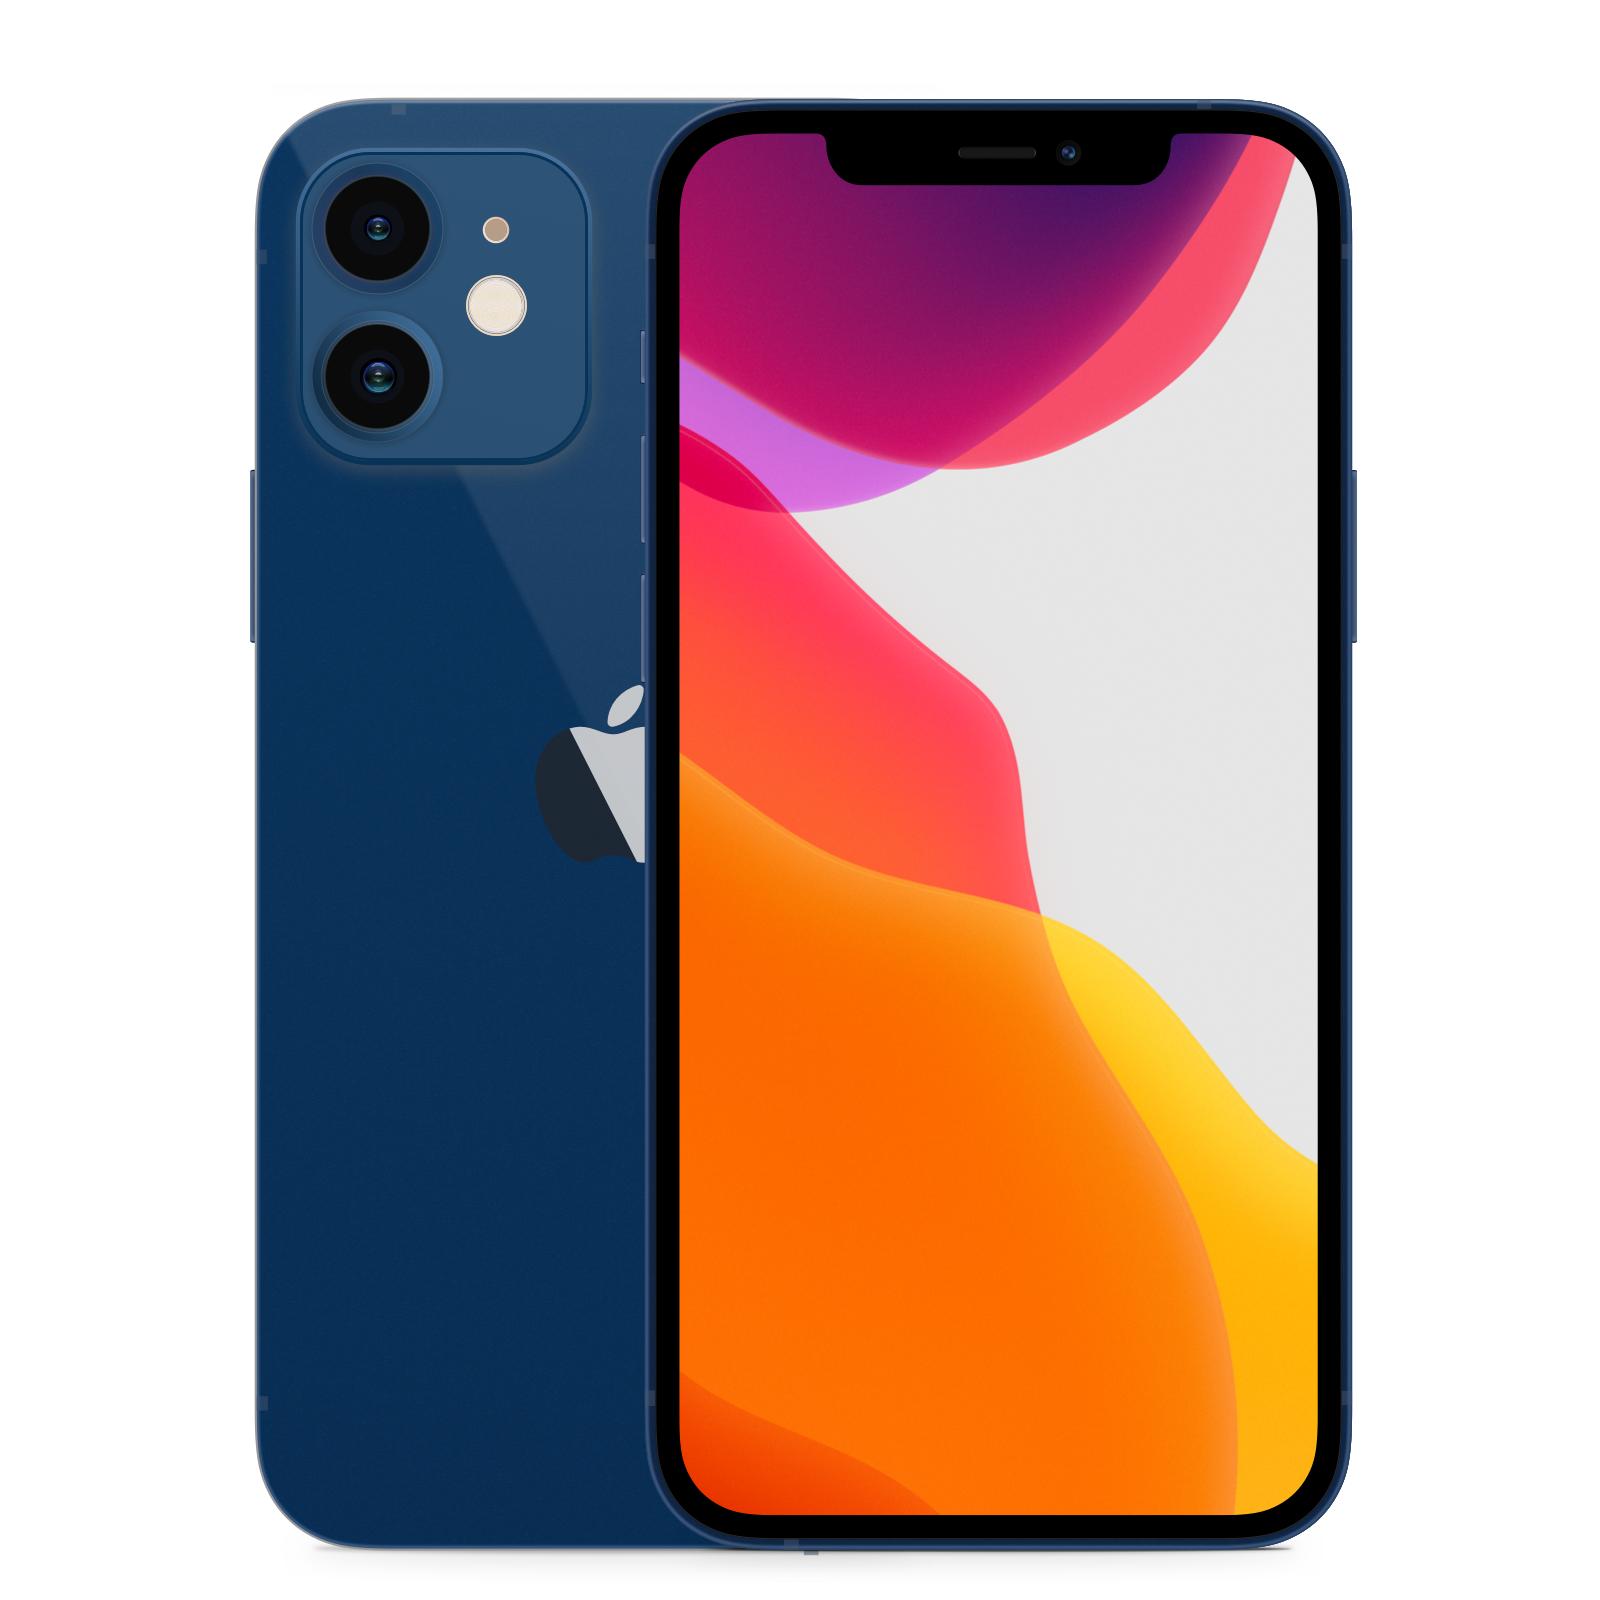 Apple iPhone 12 64GB Blå Klass: A